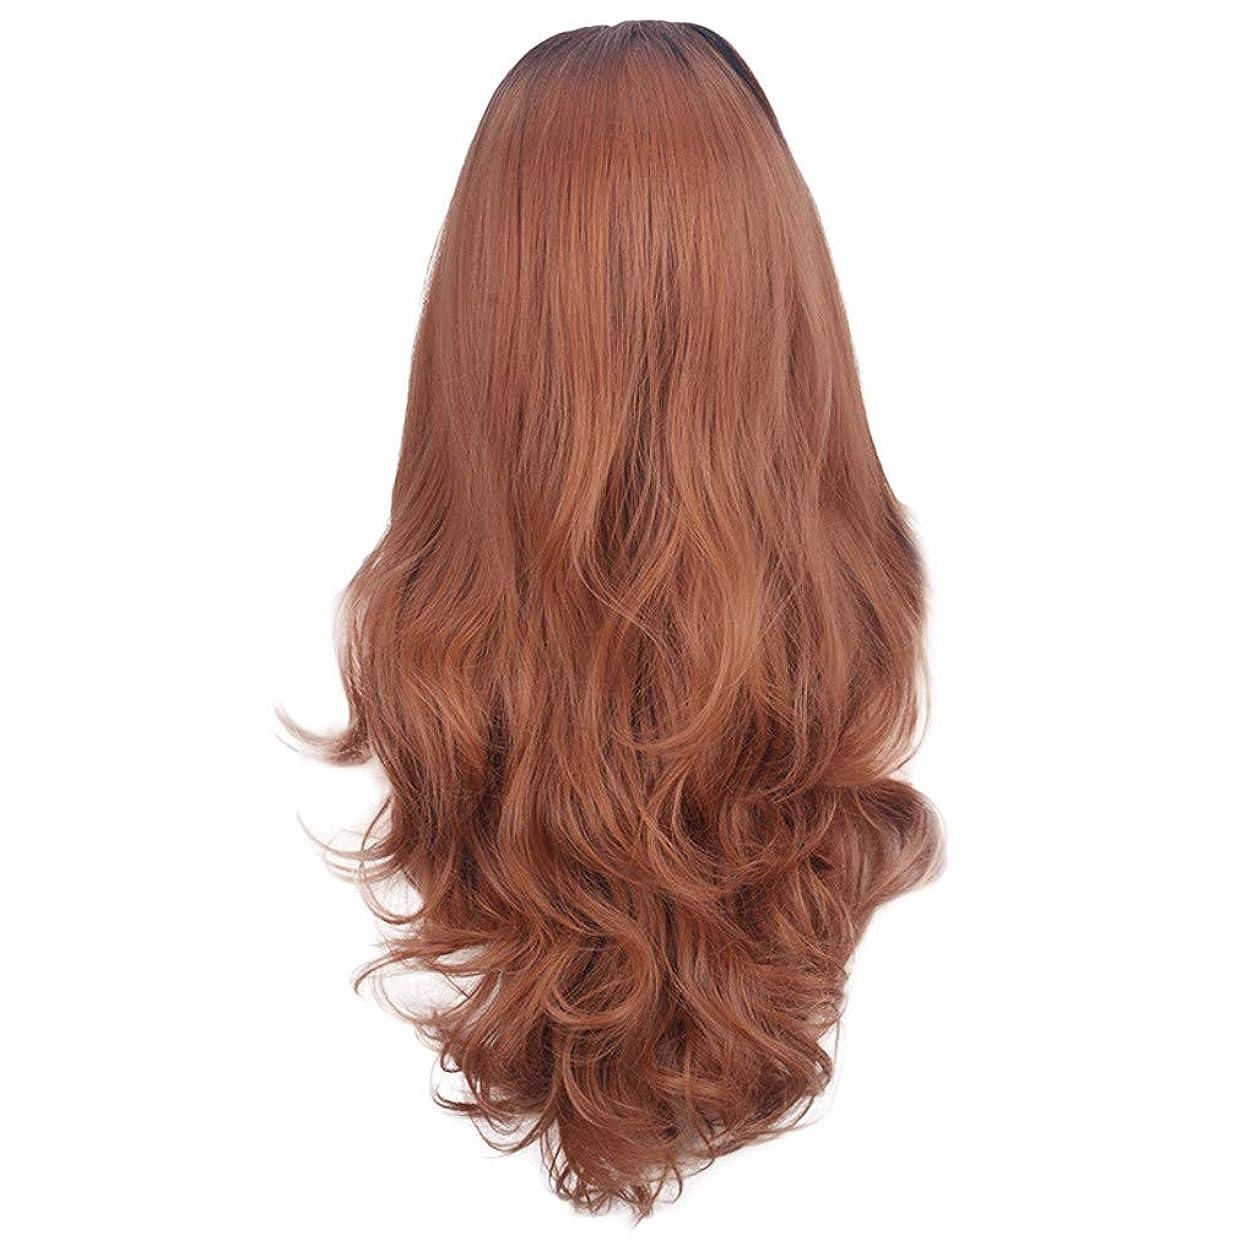 トチの実の木ディレクトリストラップ茶色の女性のかつらの長い巻き毛のフロントレースかつら80CM